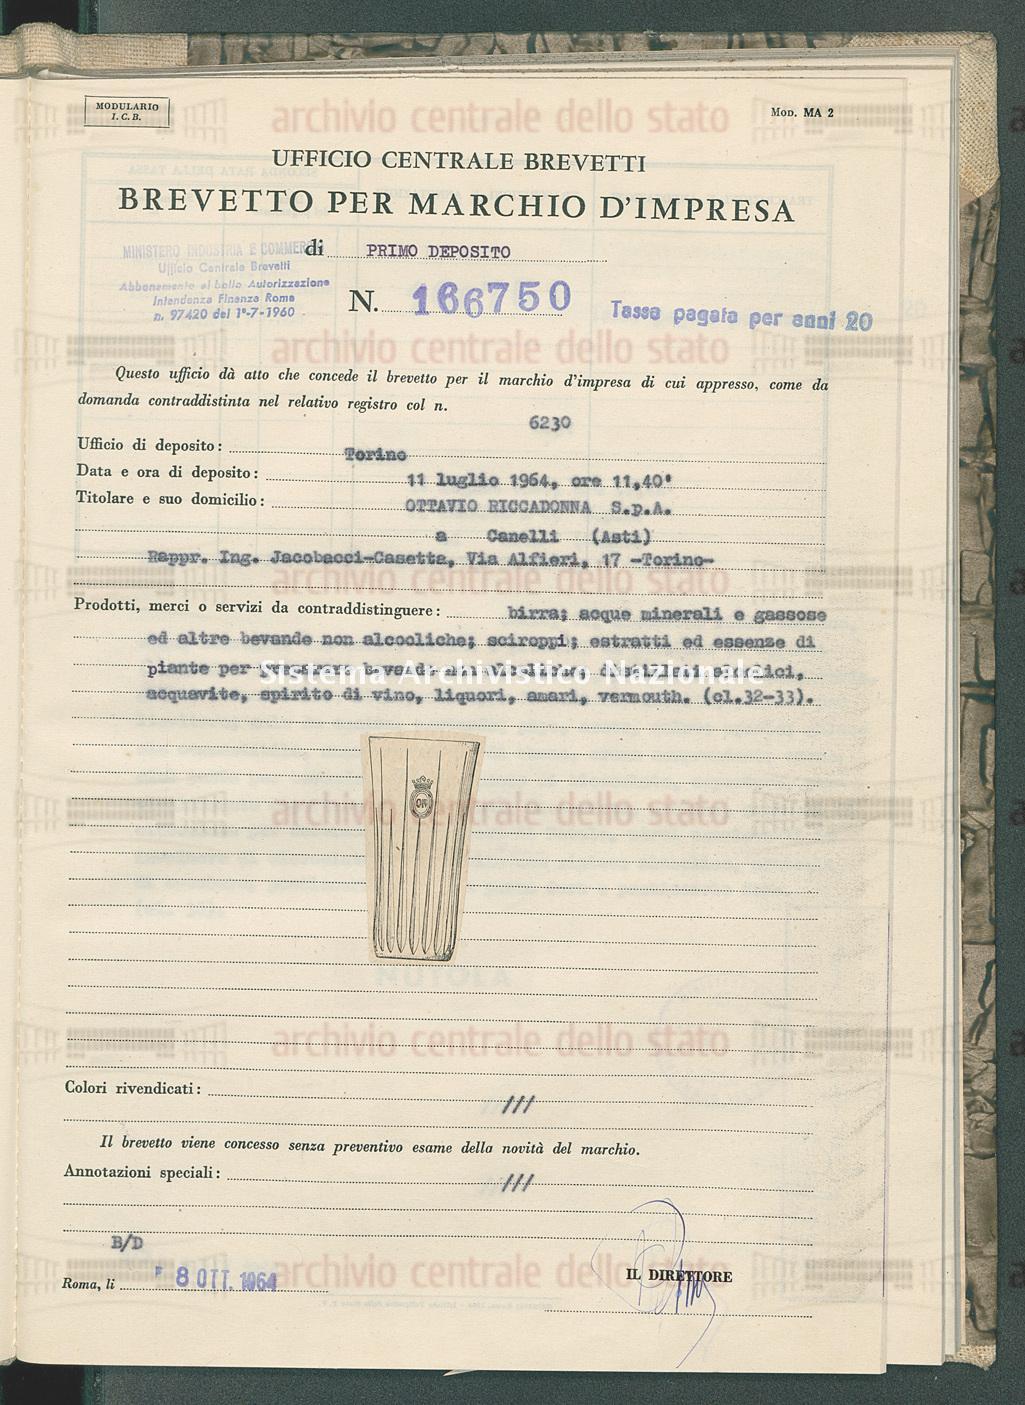 Birra, acque minerali ecc. Ottavio Riccadonna S.P.A. (08/10/1964)